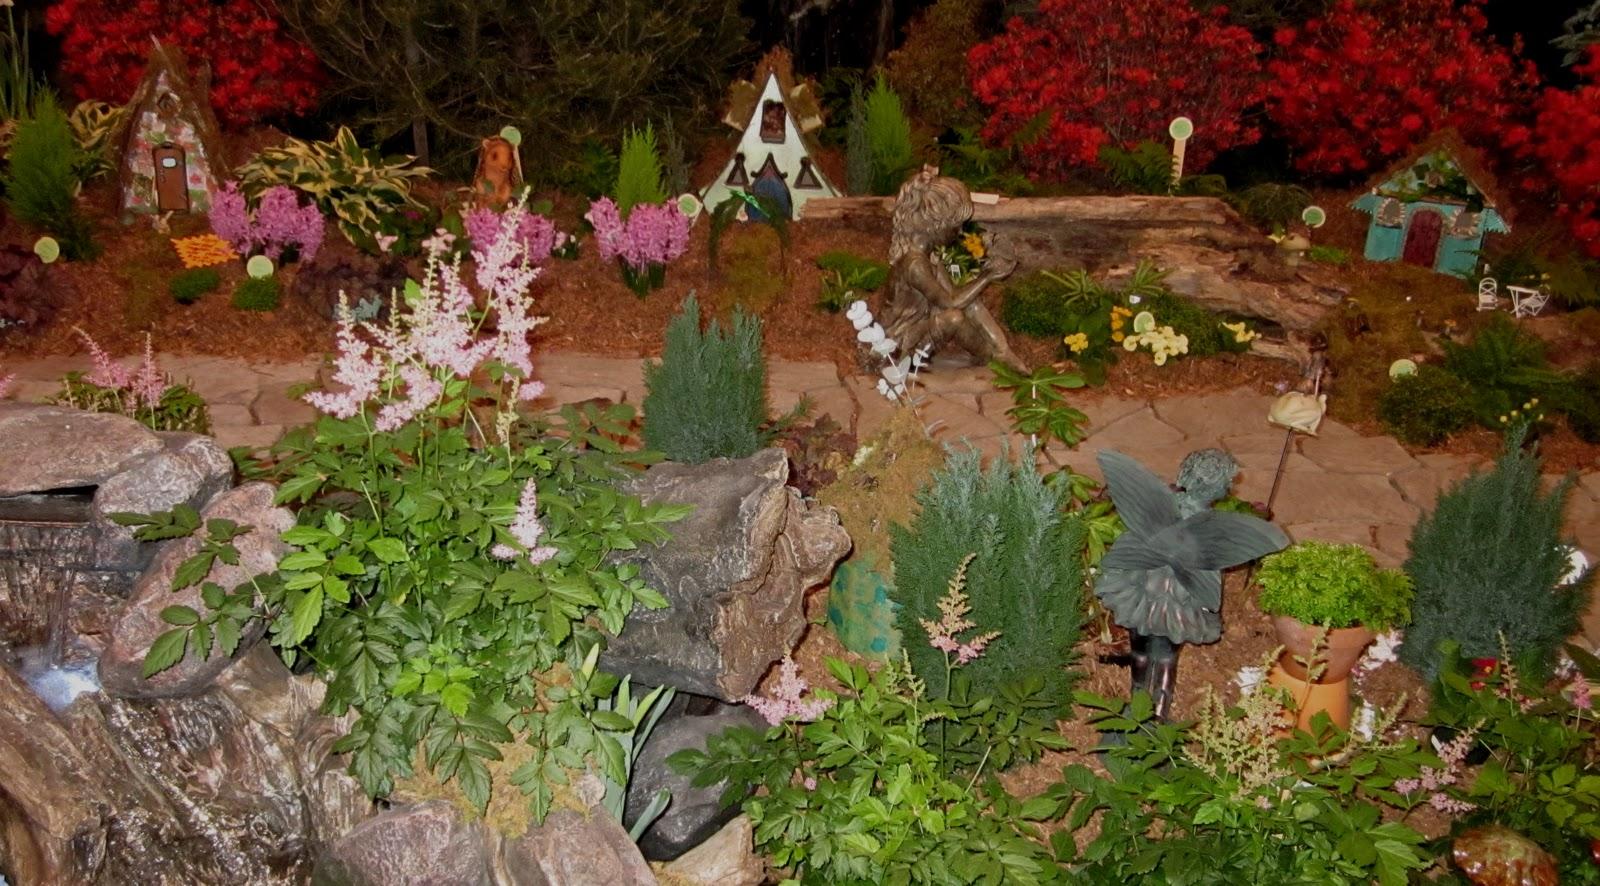 The Moonlight Gardener Cny Blooms Garden Show Review